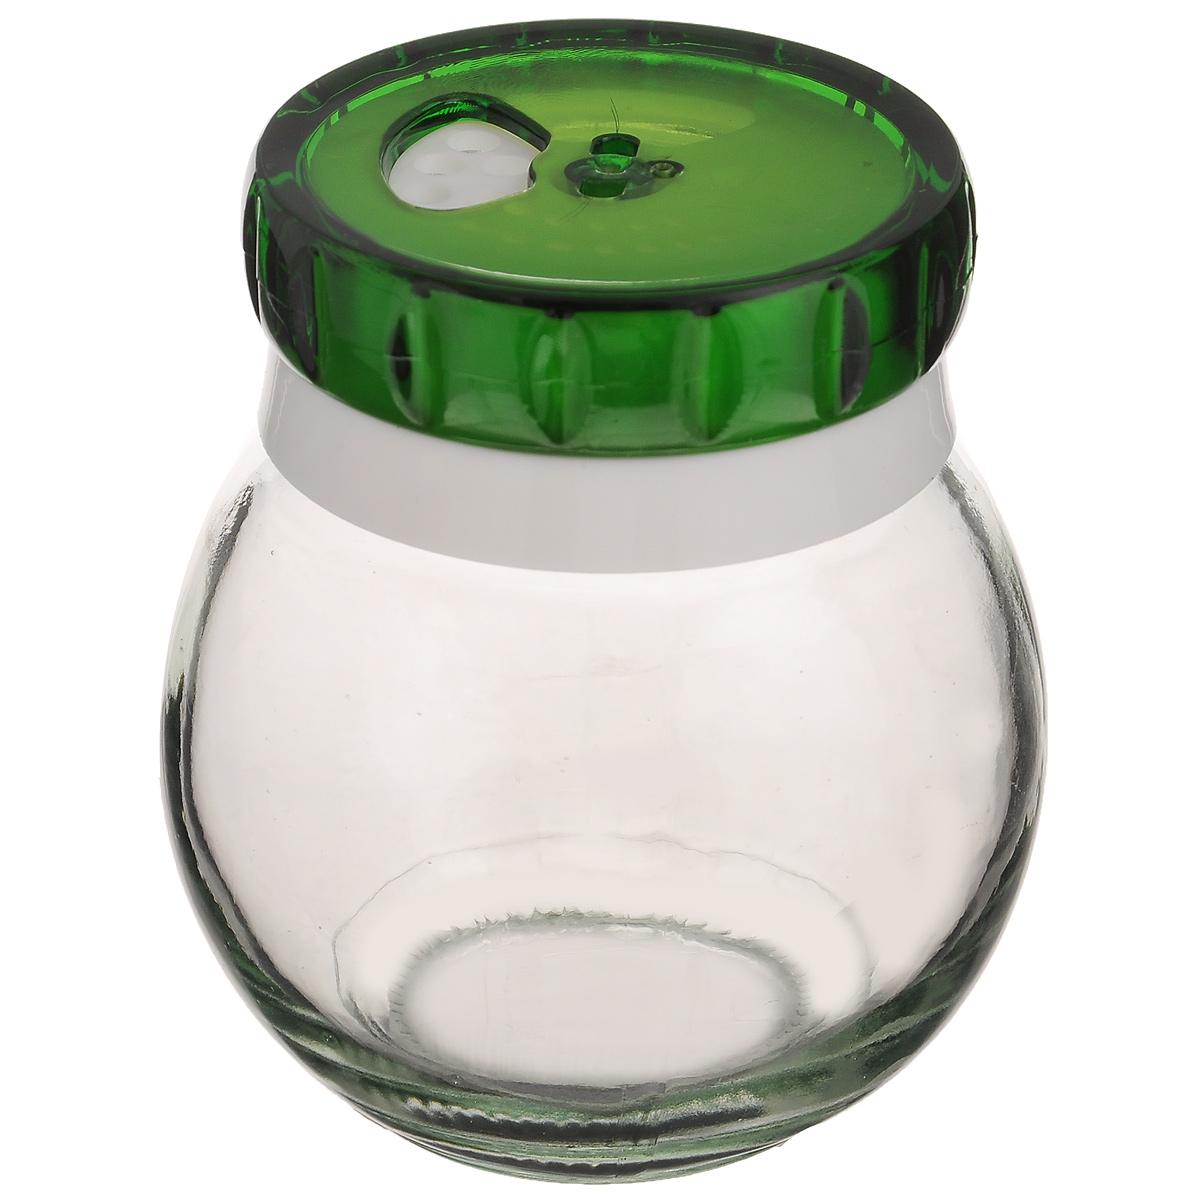 Банка для специй Herevin, цвет: зеленый, 200 мл. 131007-802131007-802_зелёныйБанка для специй Herevin выполнена из прозрачного стекла и оснащена пластиковой цветной крышкой с отверстиями разного размера, благодаря которым, вы сможете приправить блюда, просто перевернув банку. Крышка снабжена поворотным механизмом, благодаря которому вы сможете регулировать степень подачи специй. Крышка легко откручивается, благодаря чему засыпать специи внутрь очень просто. Такая баночка станет достойным дополнением к вашему кухонному инвентарю. Можно мыть в посудомоечной машине. Диаметр (по верхнему краю): 5,5 см. Высота банки (без учета крышки): 8 см.